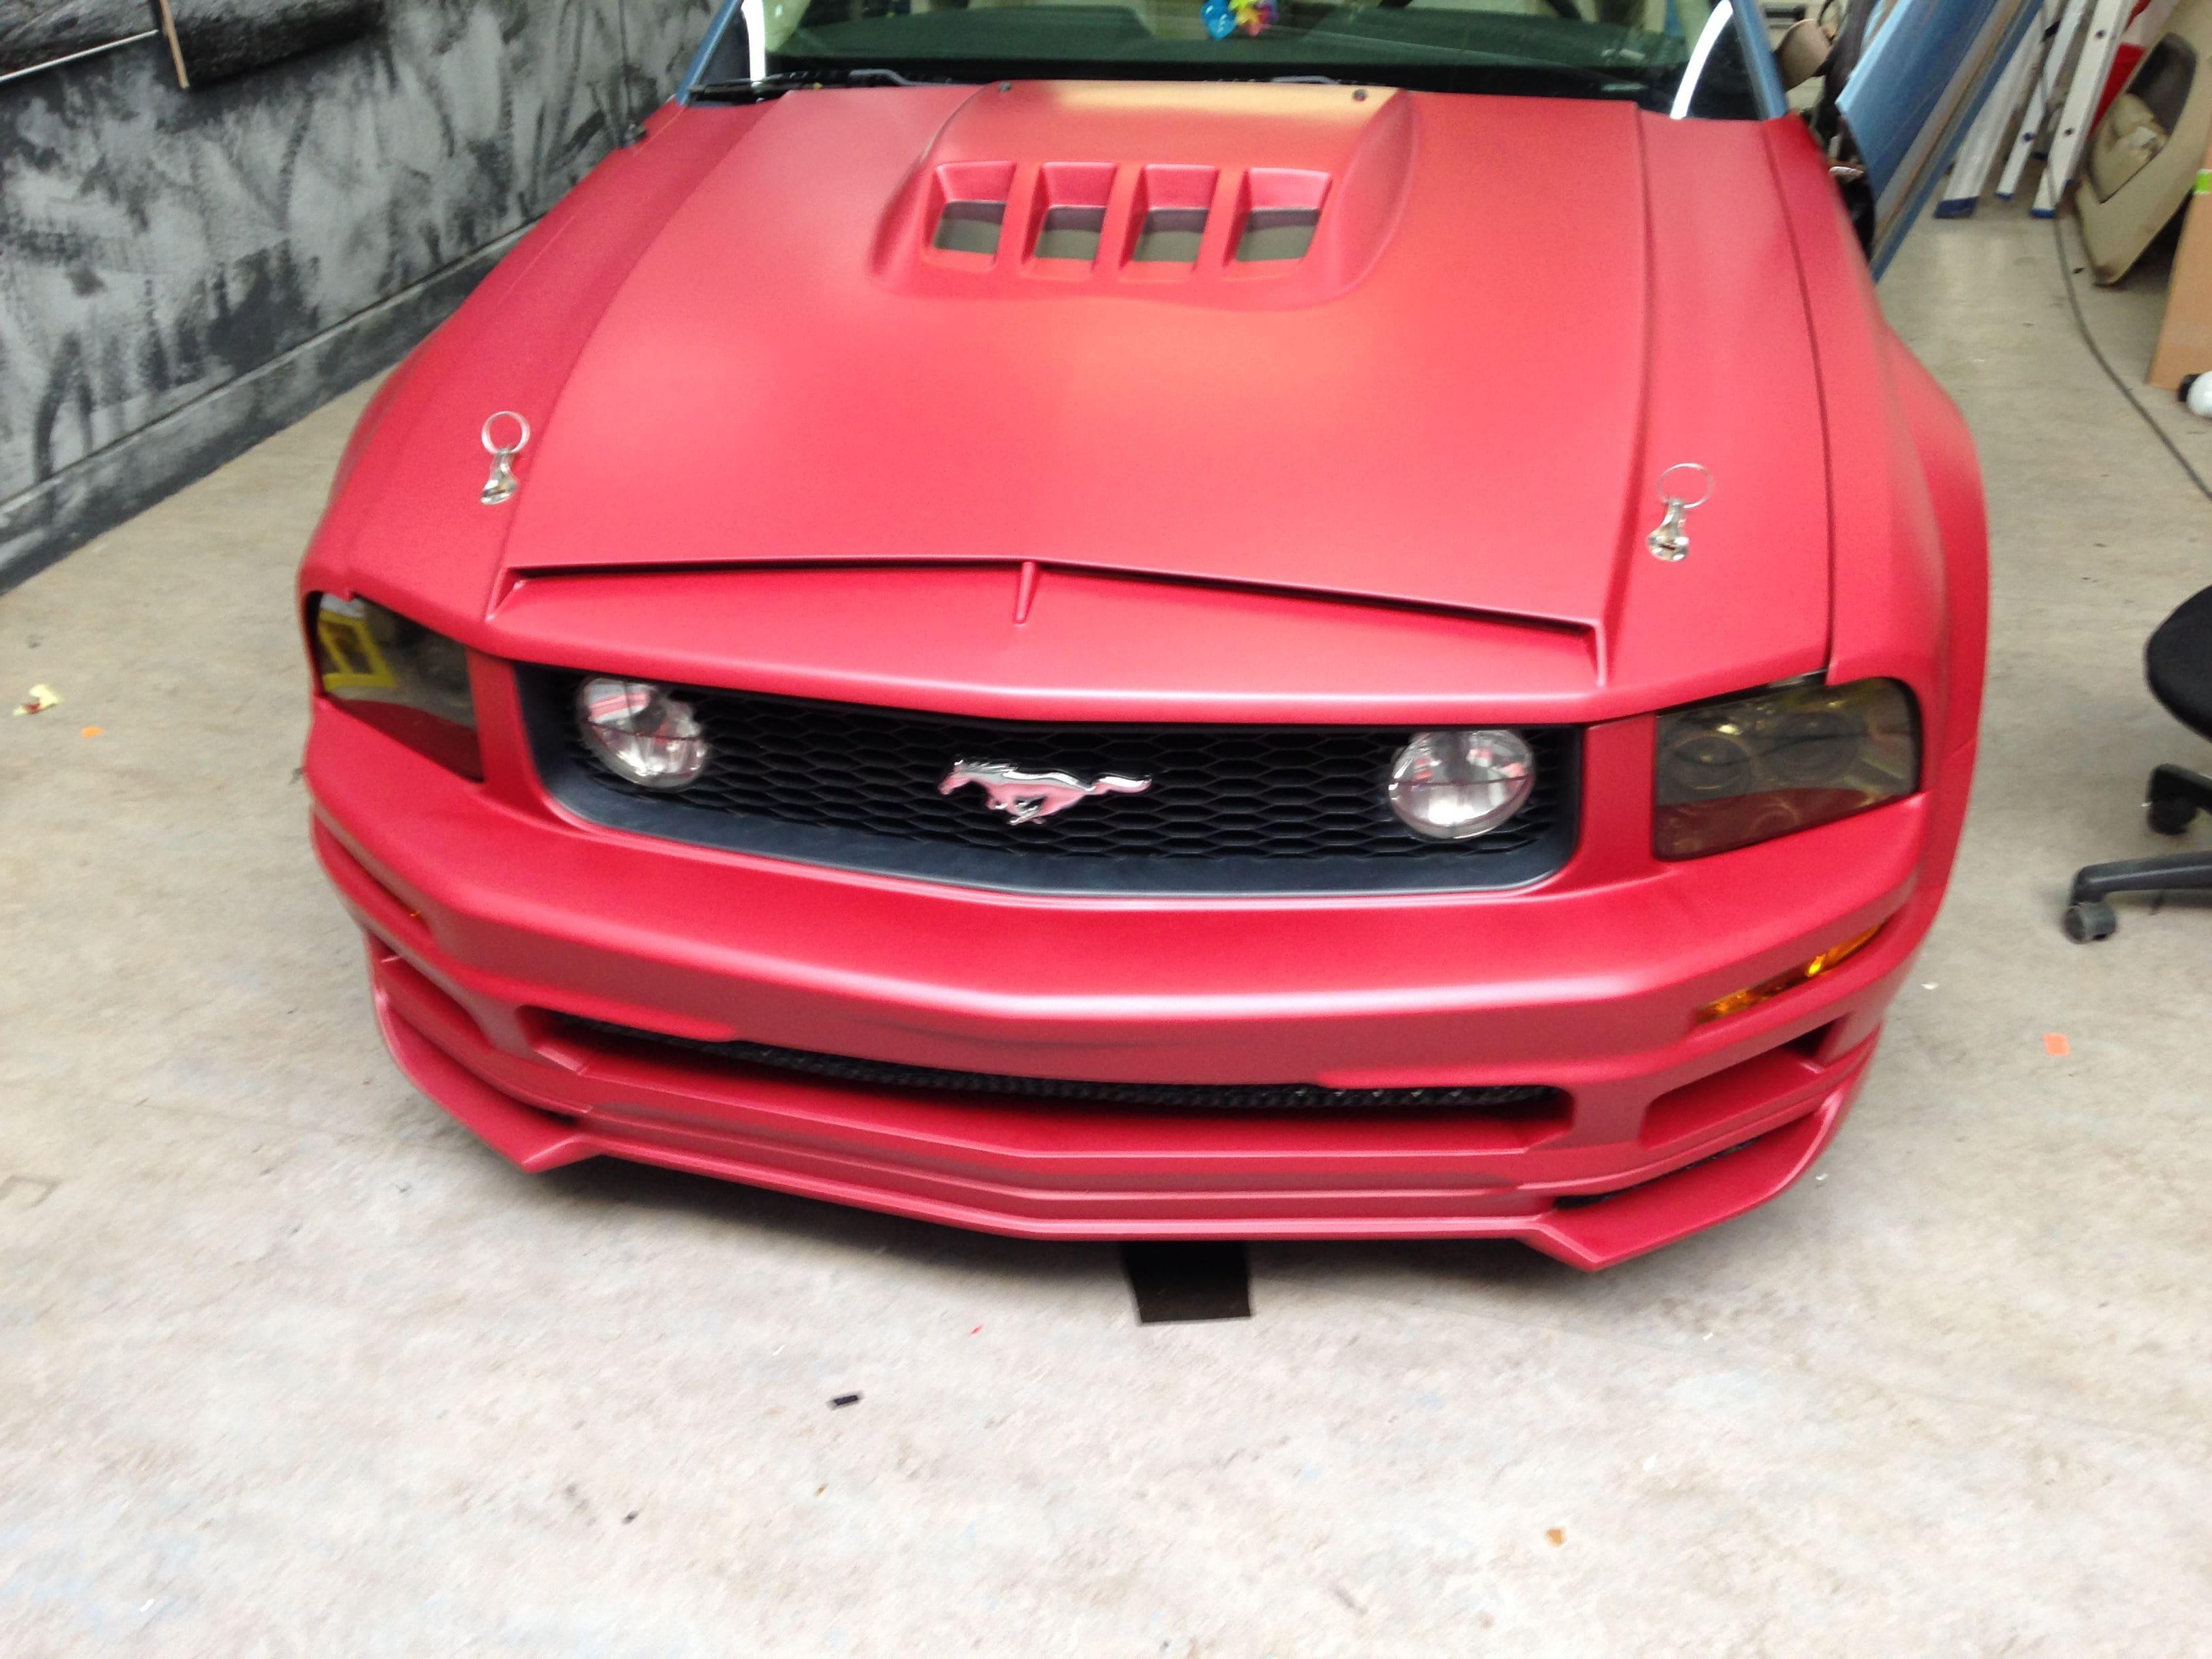 Ford Mustang 2009 met Mat Rode wrap, Carwrapping door Wrapmyride.nu Foto-nr:5822, ©2020